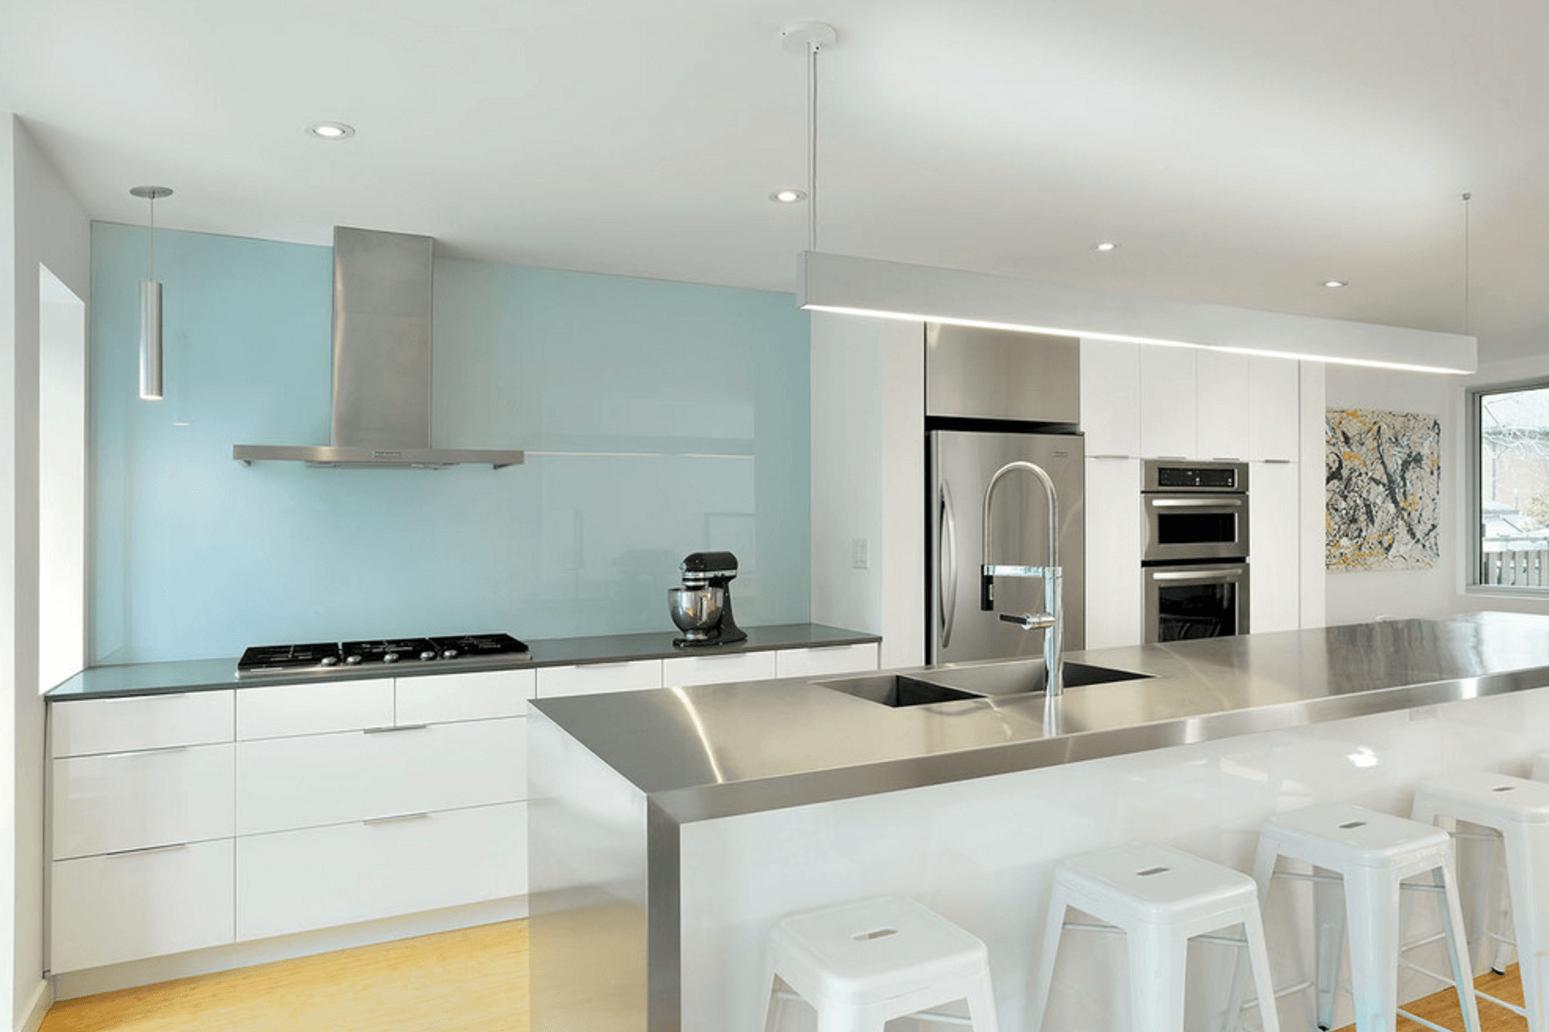 Идеи дизайна фартука на кухню: решение всегда есть